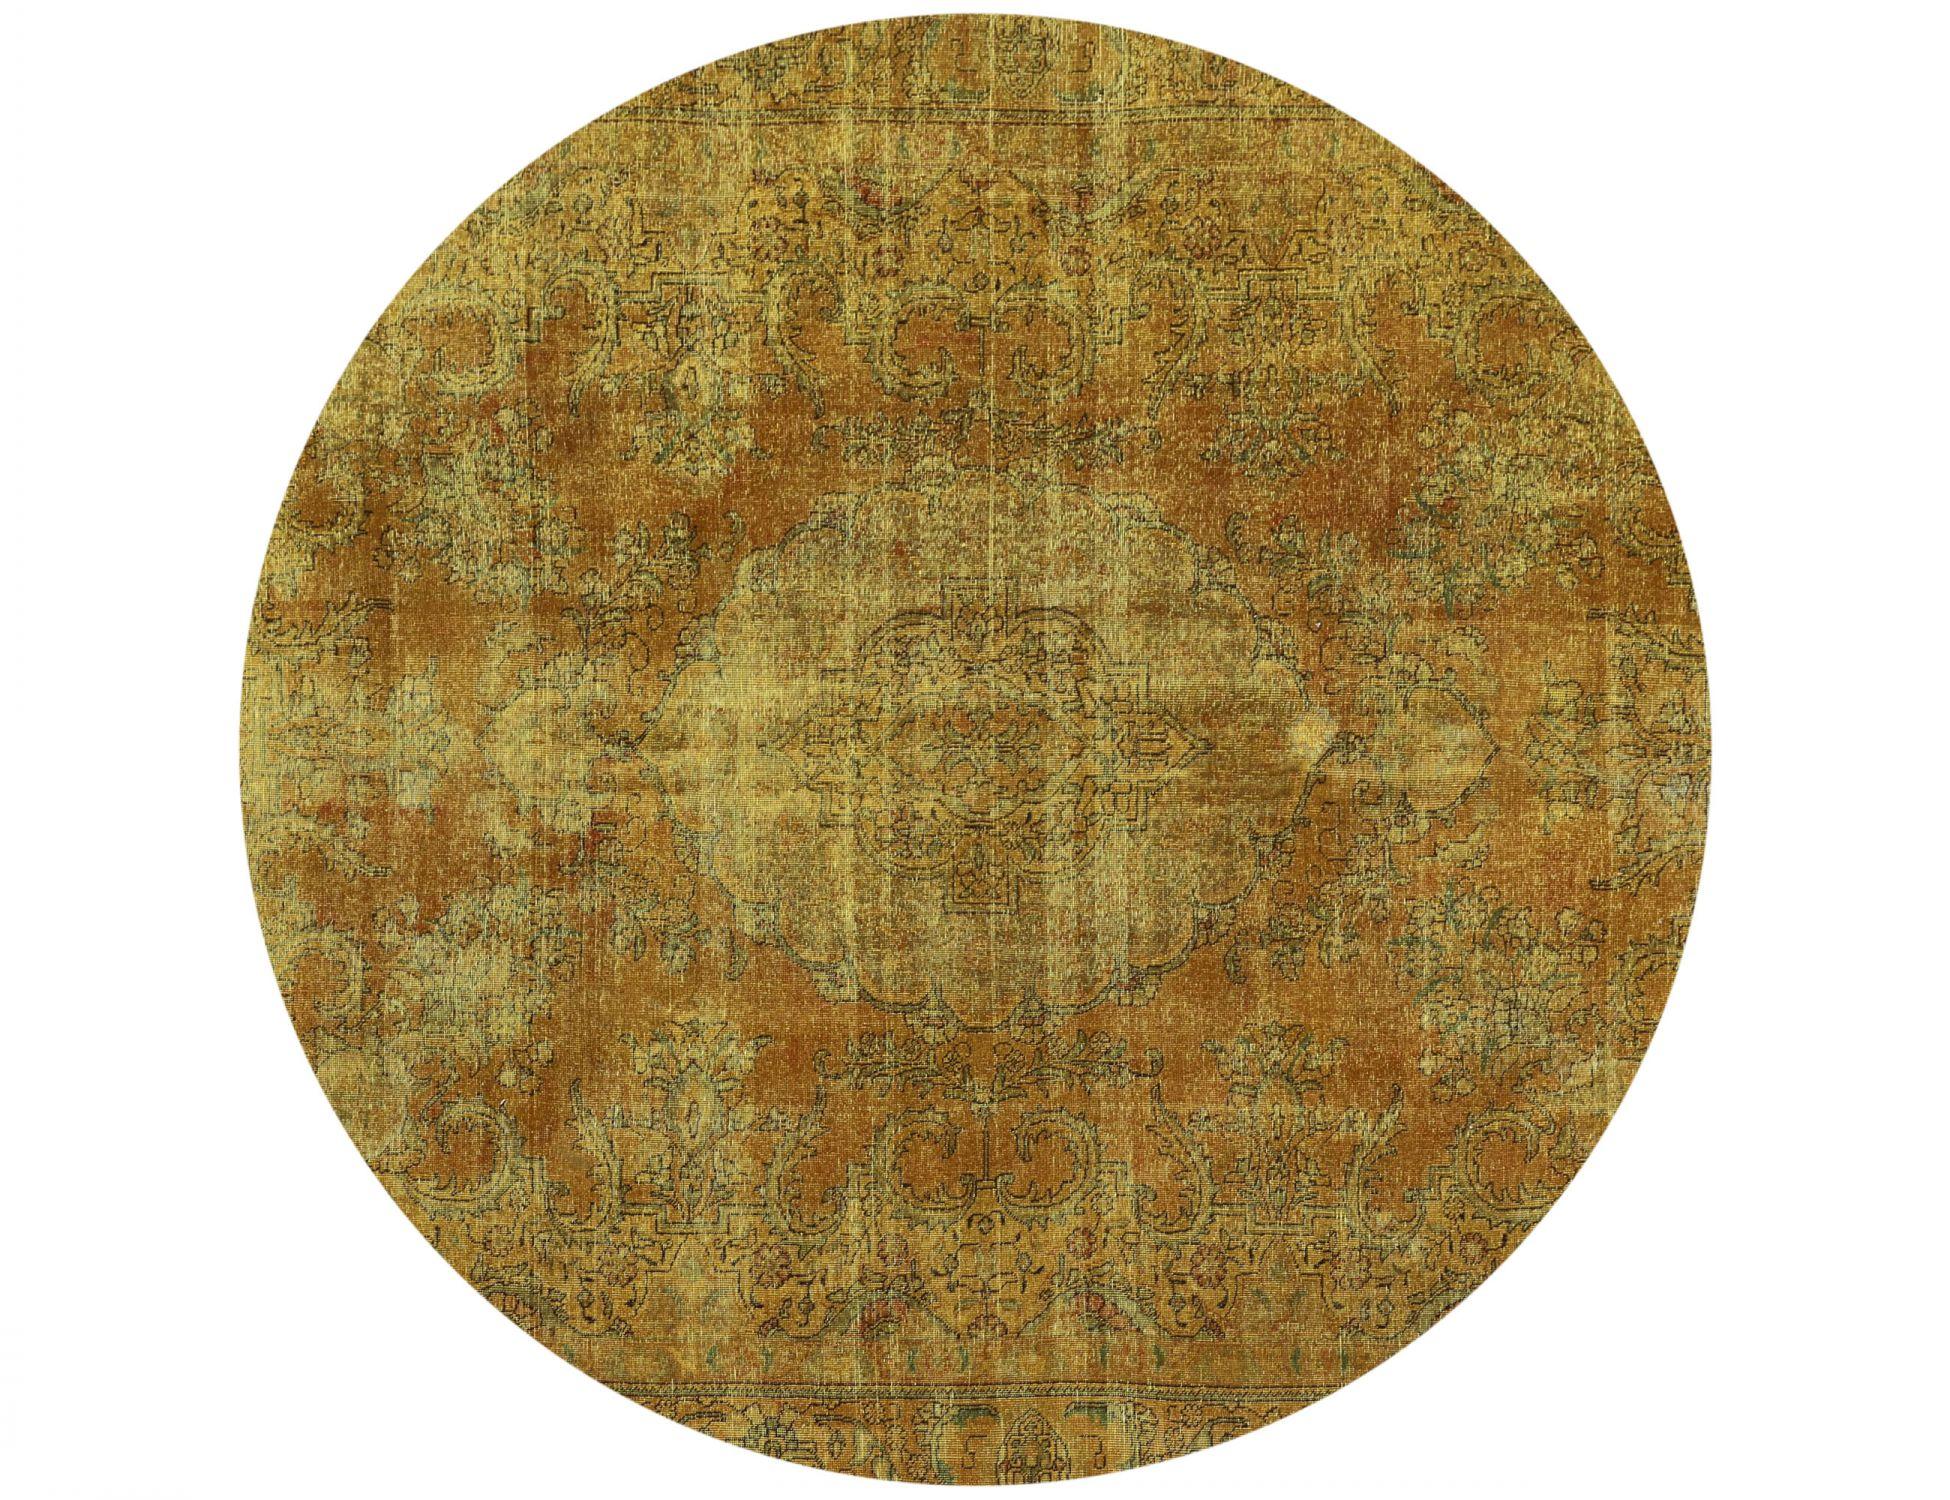 Tappeto Vintage  giallo <br/>255 x 255 cm